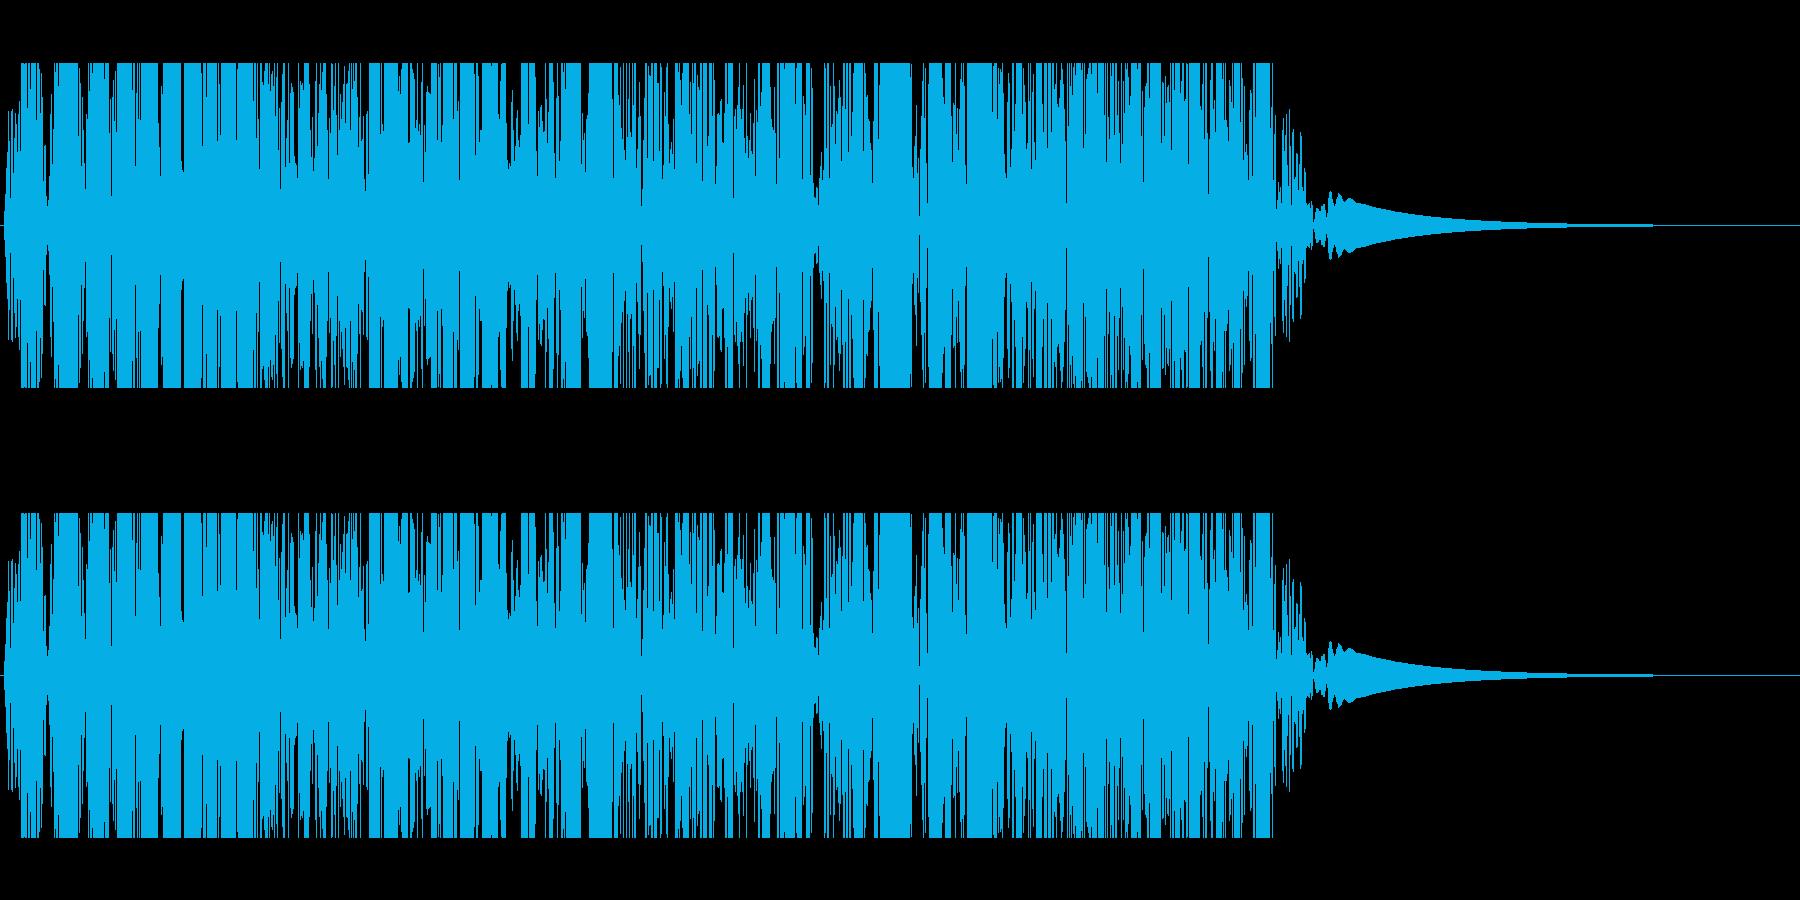 ズバッと斬る_07(刀・刺す・斬撃系)の再生済みの波形